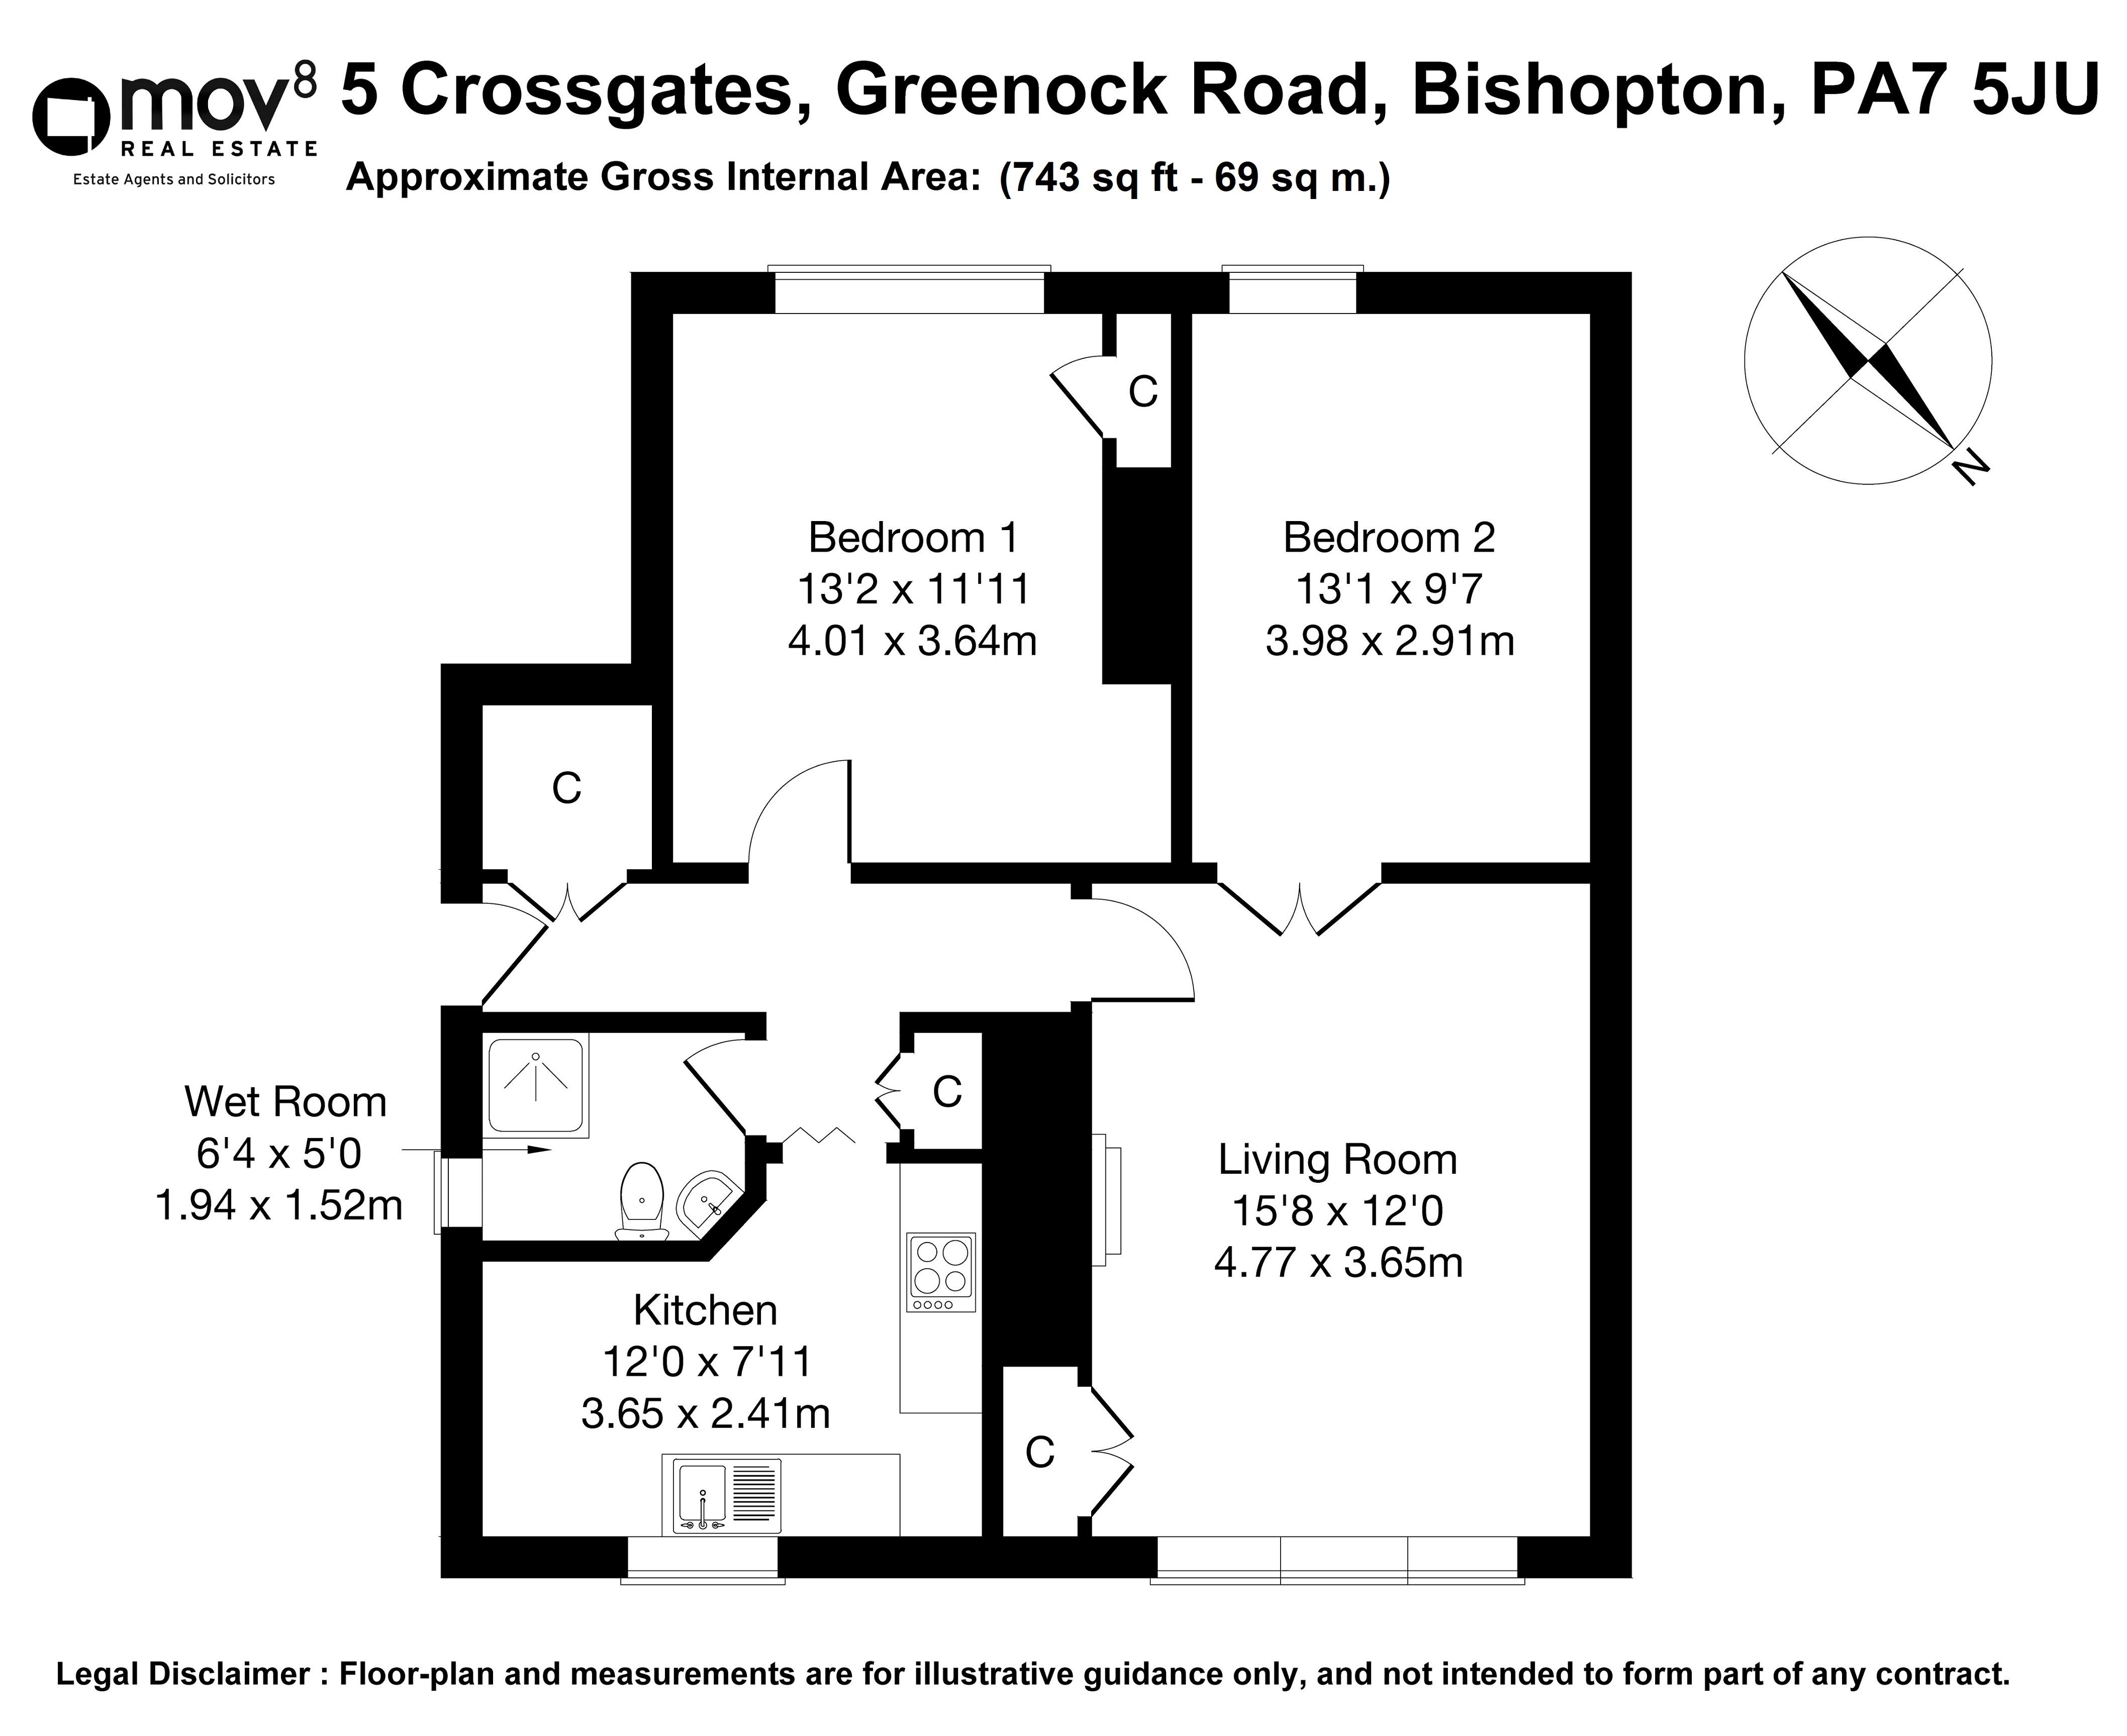 Floorplan 1 of 5 Crossgates Greenock Road, Bishopton, Renfrewshire, PA7 5JU